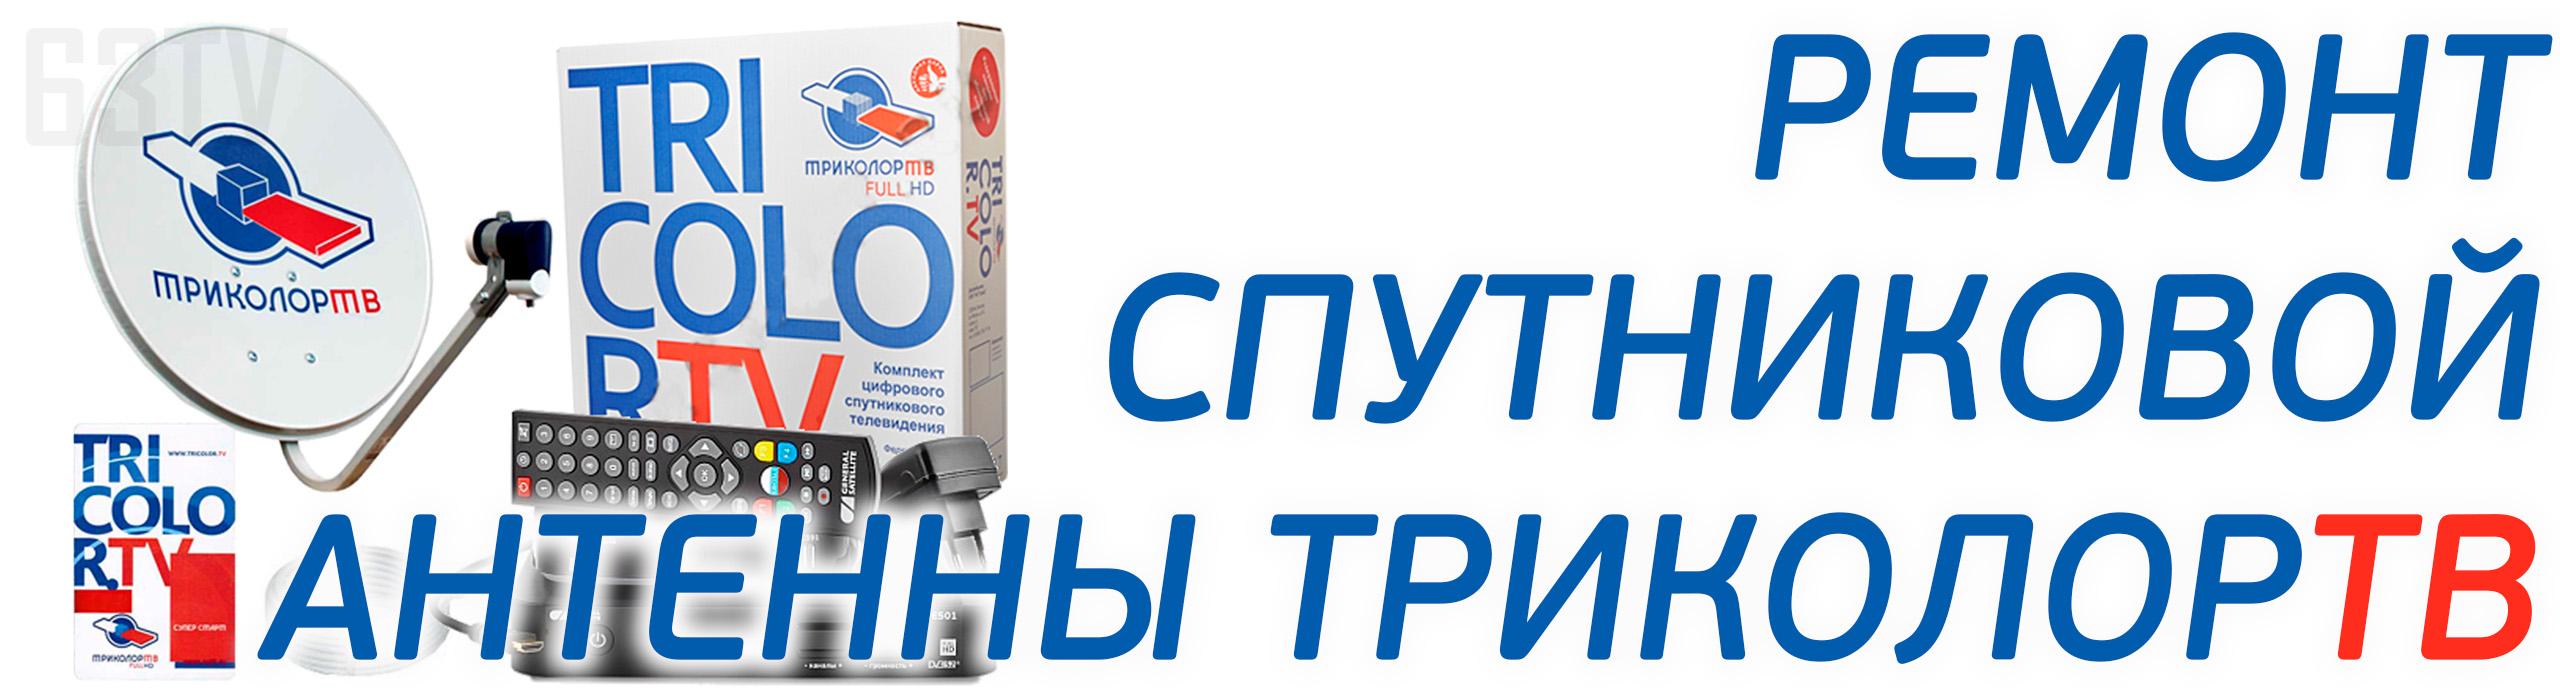 Ремонт спутниковой антенны Триколор ТВ